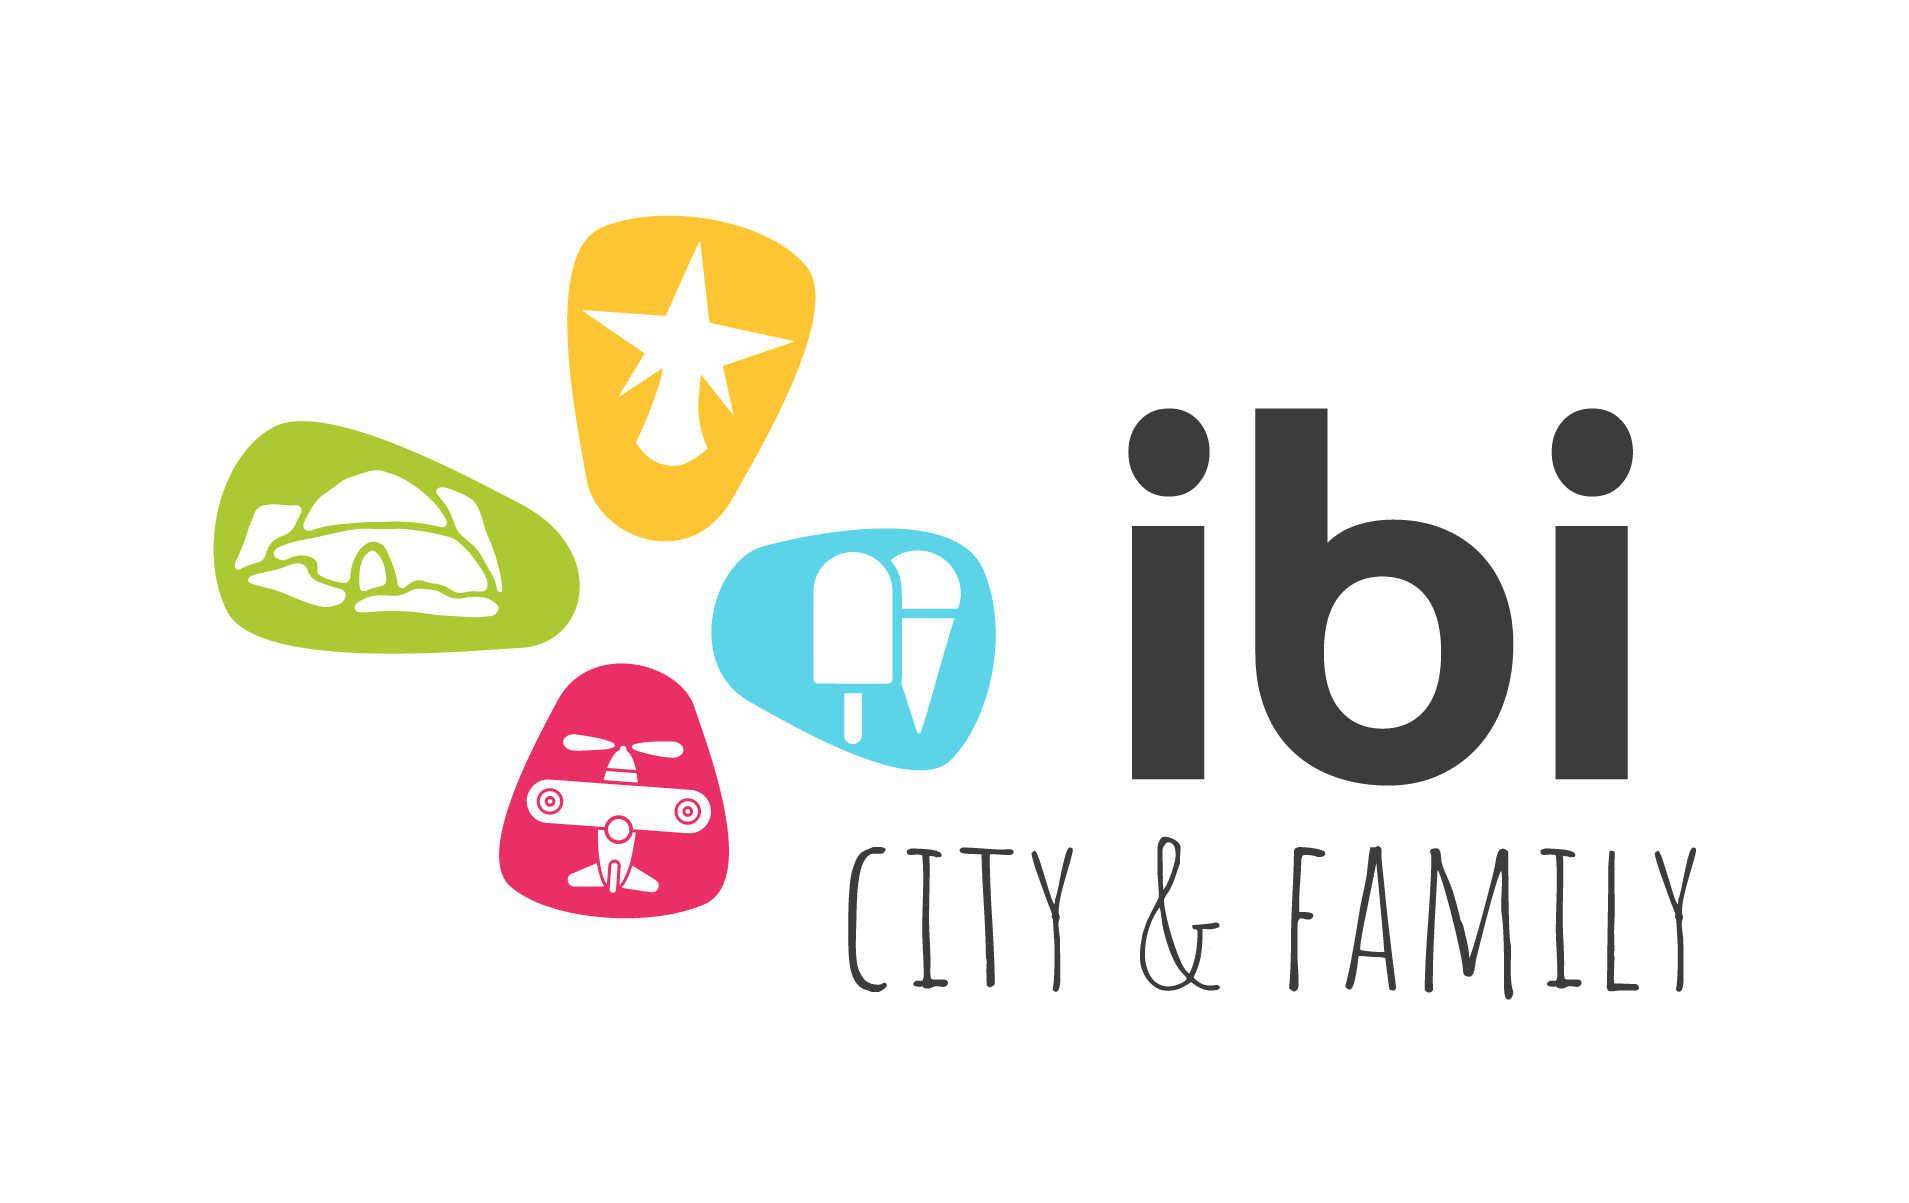 TOURIST INFO IBI